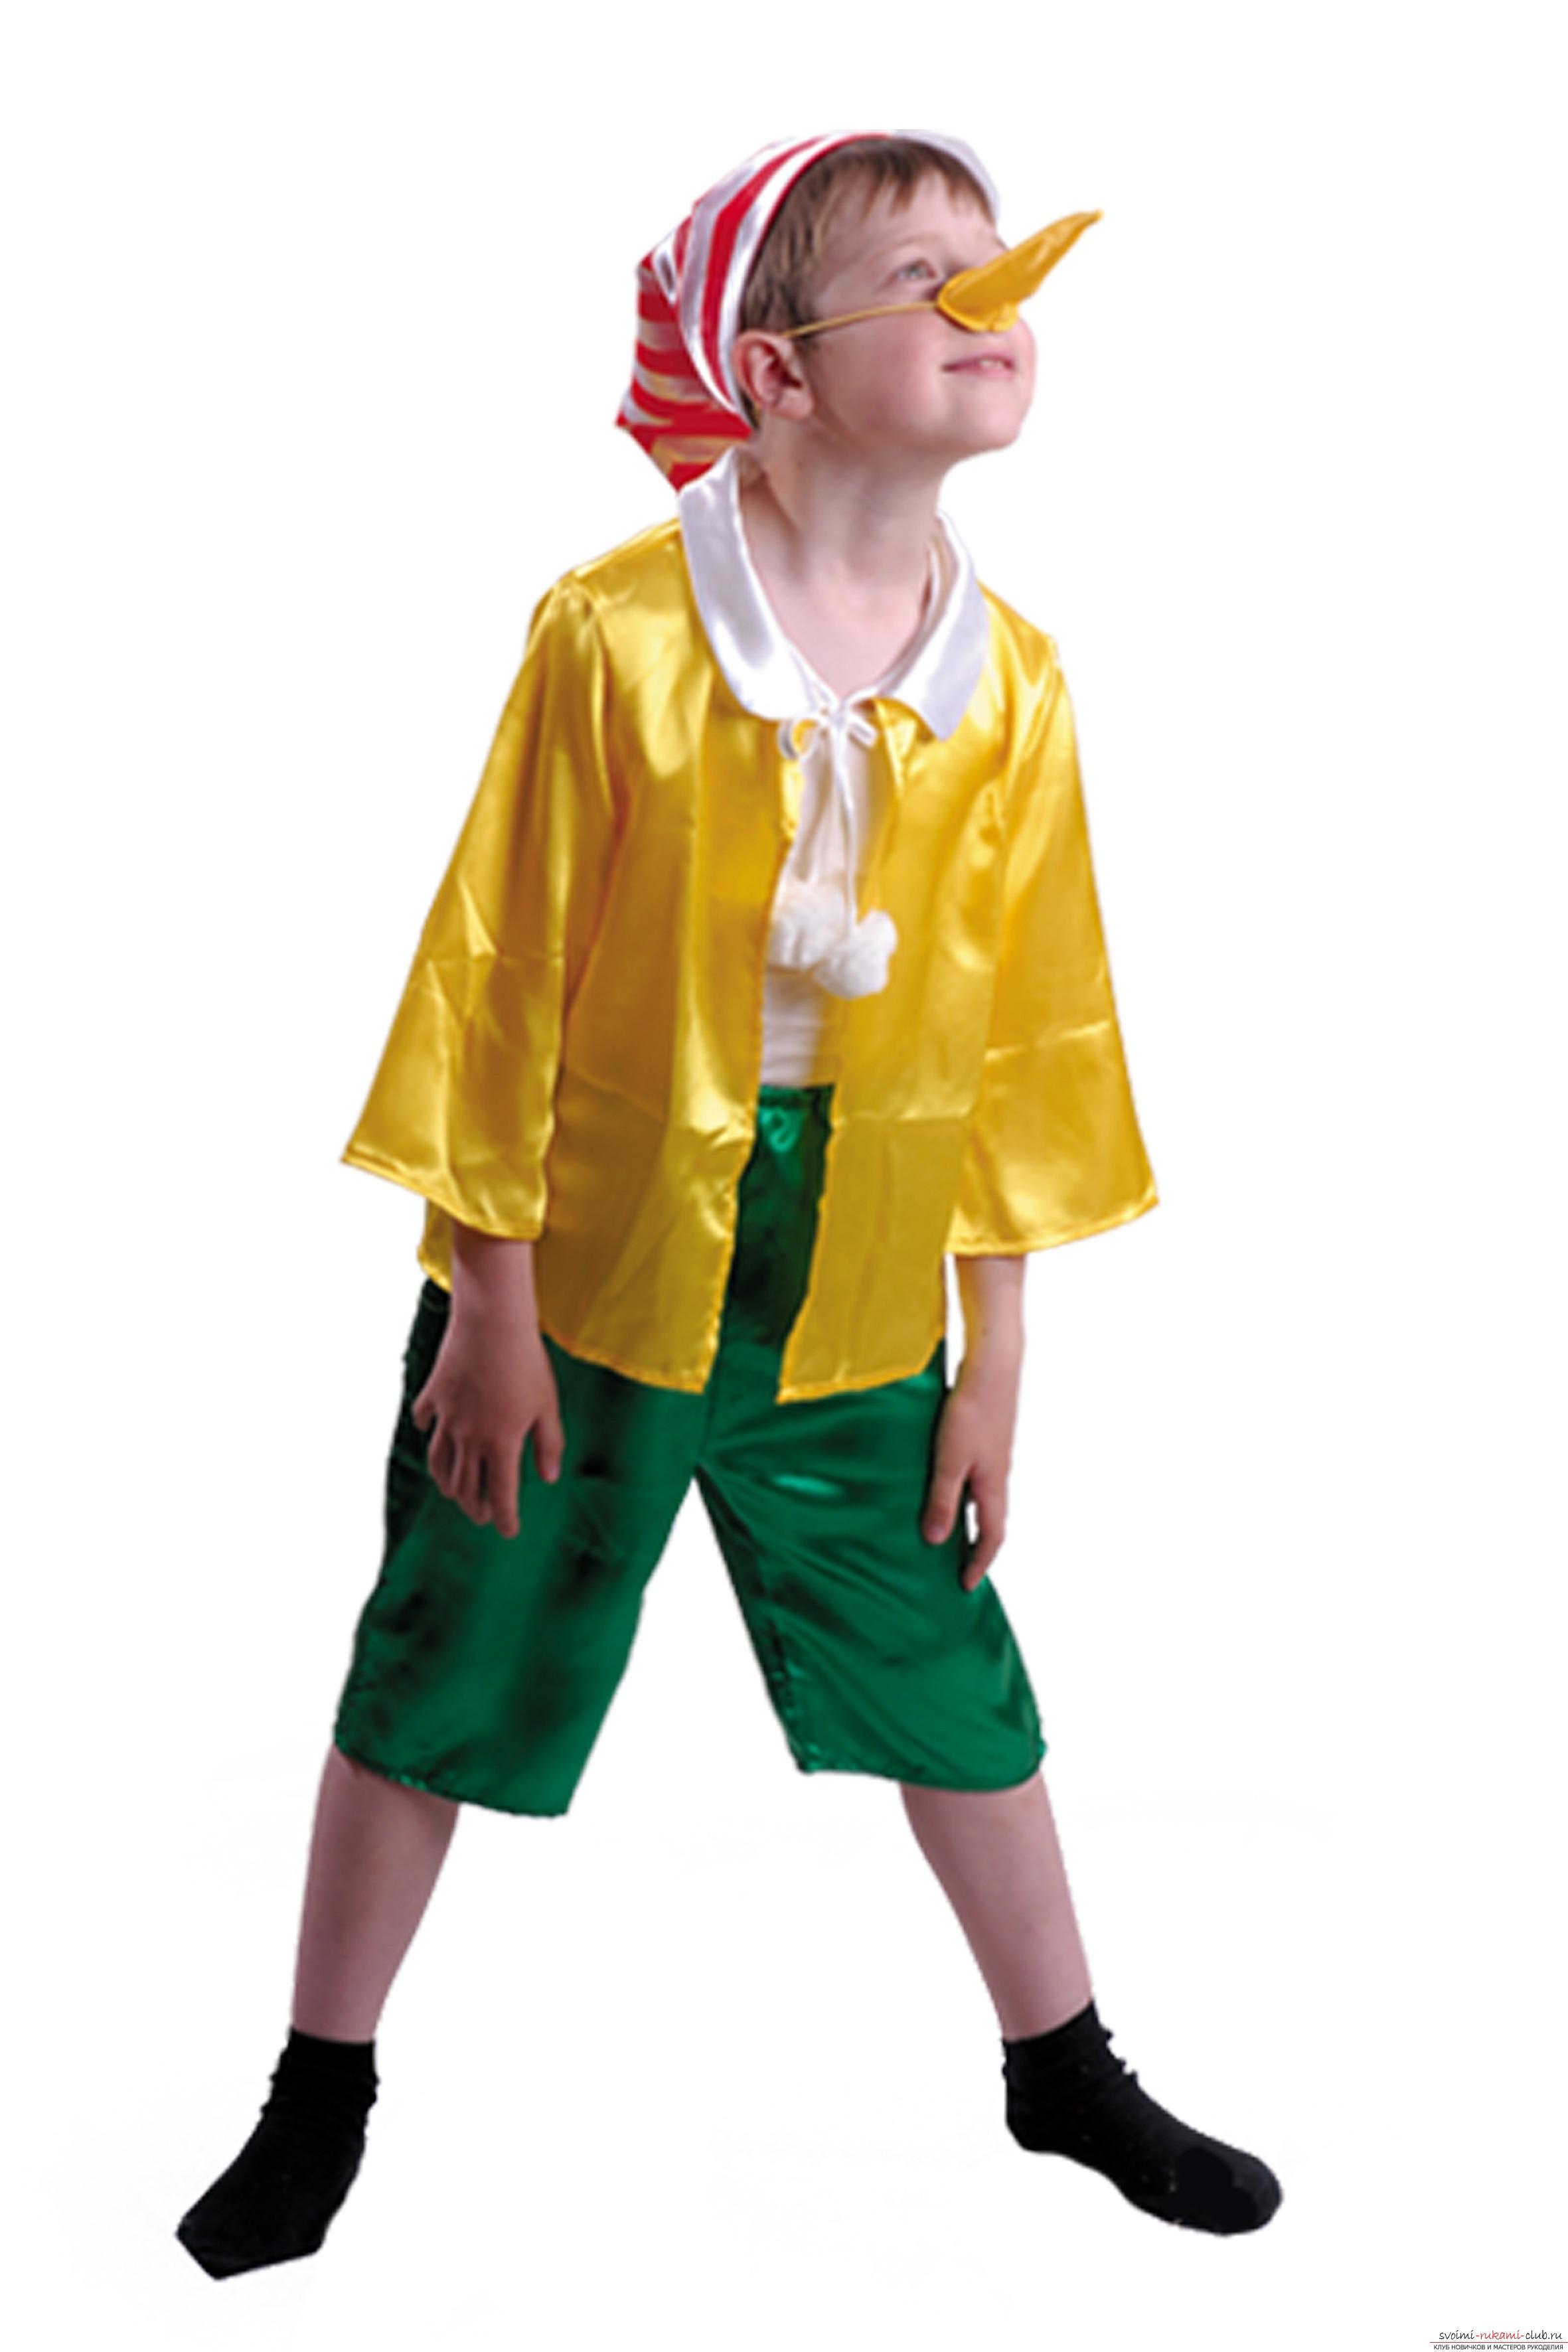 Как сделать костюм буратино.</p> </div> <p> Простые советы для создания костюма своими руками.. Фото №3″ width=»600″/></p> <p><strong>Сшить такой костюм</strong> не составит особого труда.</p> <p> Воспользуясь всеми этими элементами мы можем получить очень красочный и атмосферный костюм главного героя, который подойдет для решения наших задач с внешними видами.</p> <p>В итоге, вы получите весьма <strong>характерного и популярного героя.</strong> </p> <p>Его можно использовать в качестве основного элемента для того, чтобы воссоздать красивый и весьма атмосферный праздник.</p> <p> Используйте этот костюм для празднования современных праздников, утренников и школьных мероприятий.</p> </div> <div class=